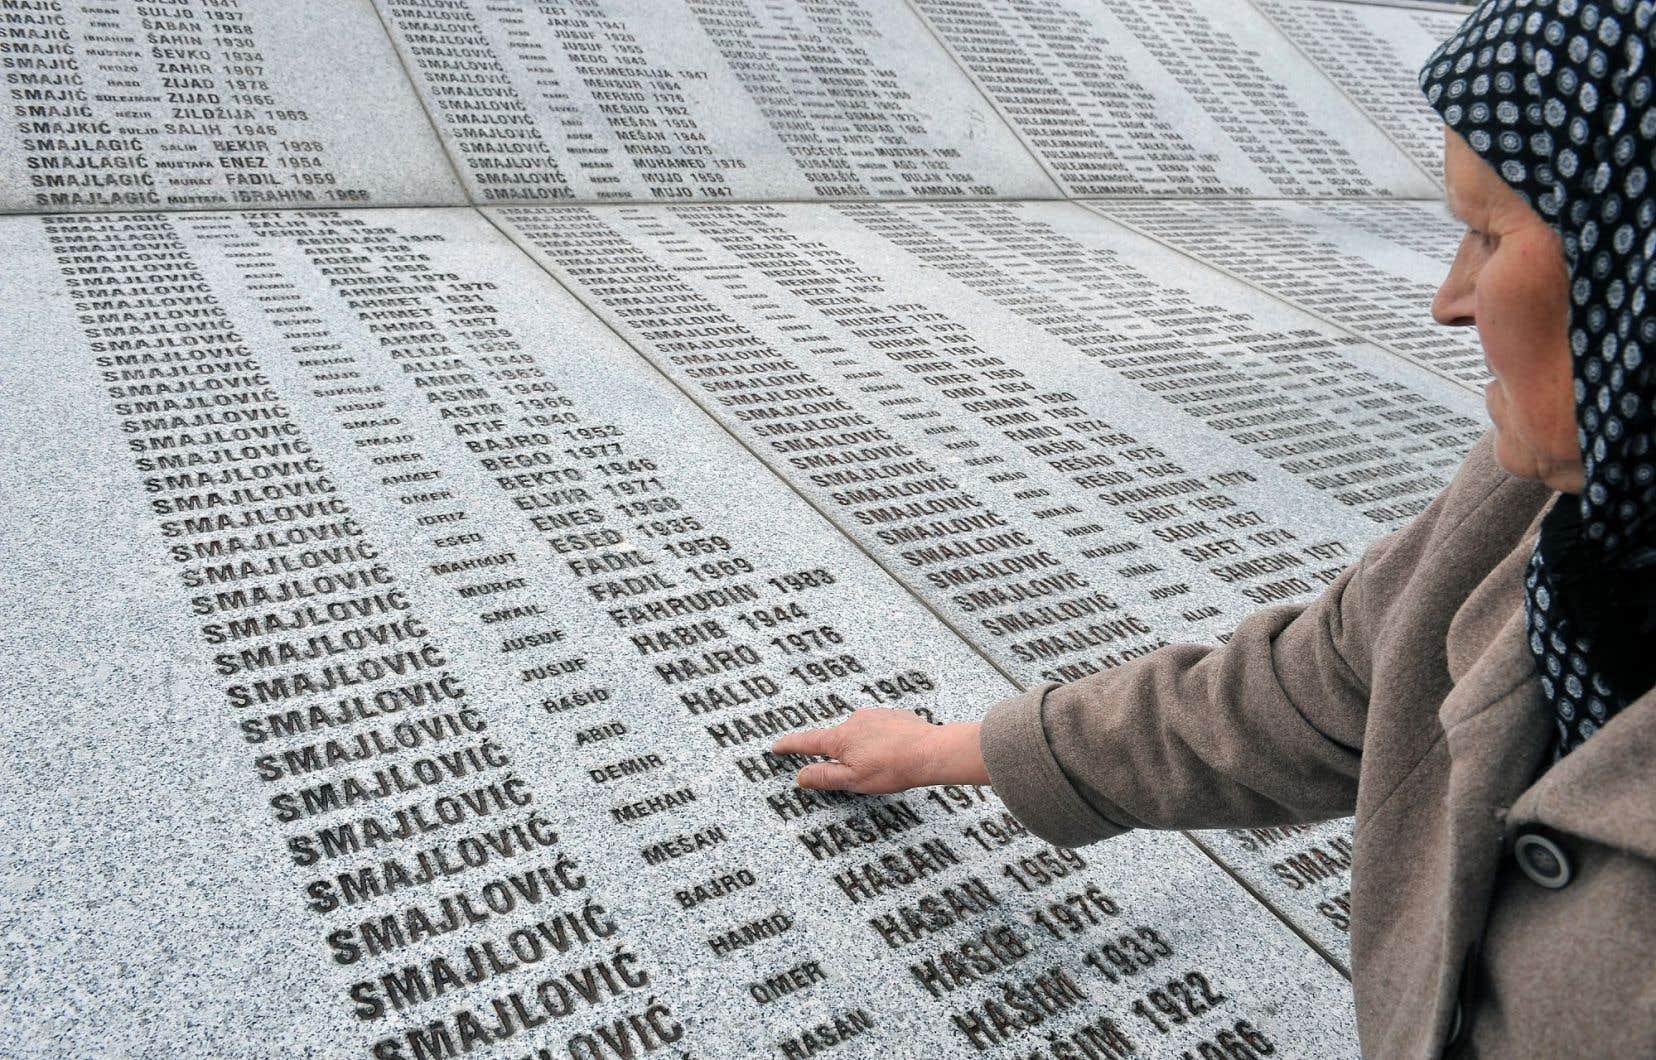 Bida Smaljovic, survivante du massacre de Srebrenica, pointe le nom de son mari au milieu des noms des victimes sur un mémorial à Potocari, en Bosnie-Herzégovine.